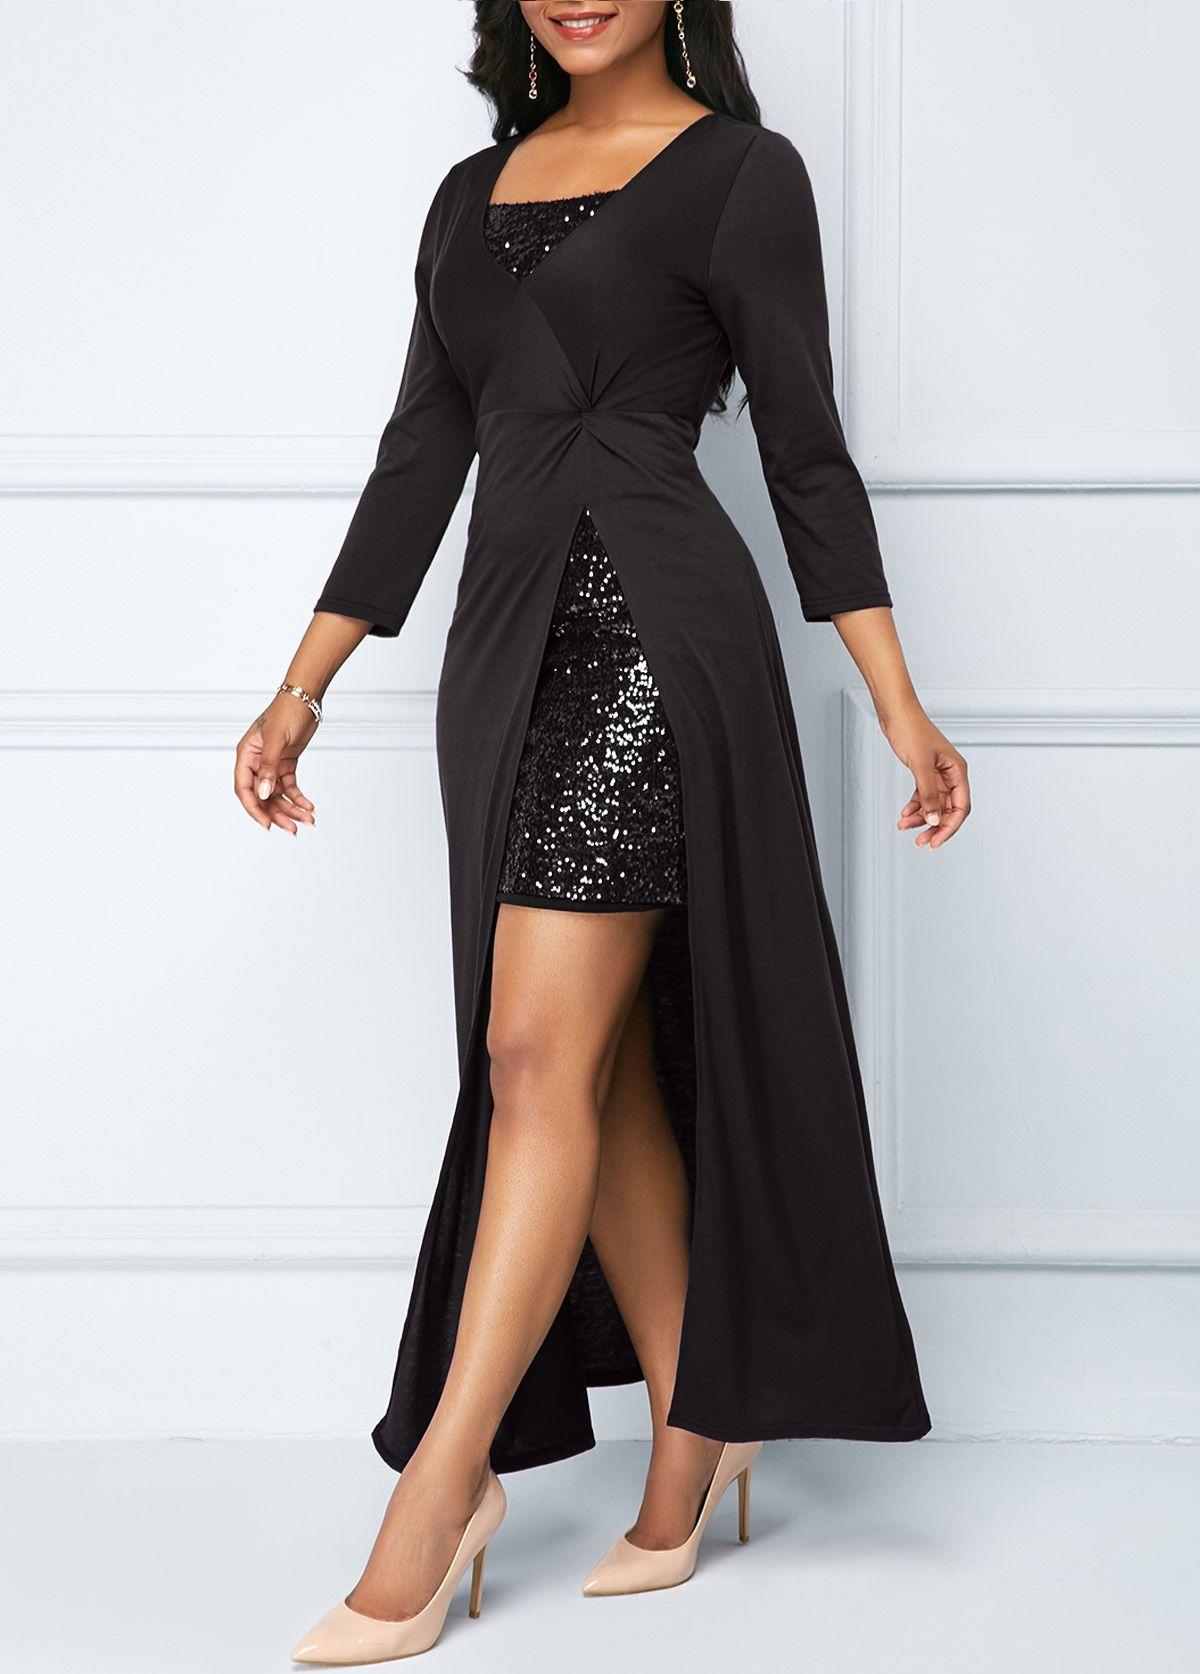 Sequin Embellished Mini Dress and Side Slit Black Dress  b89a01de95a5